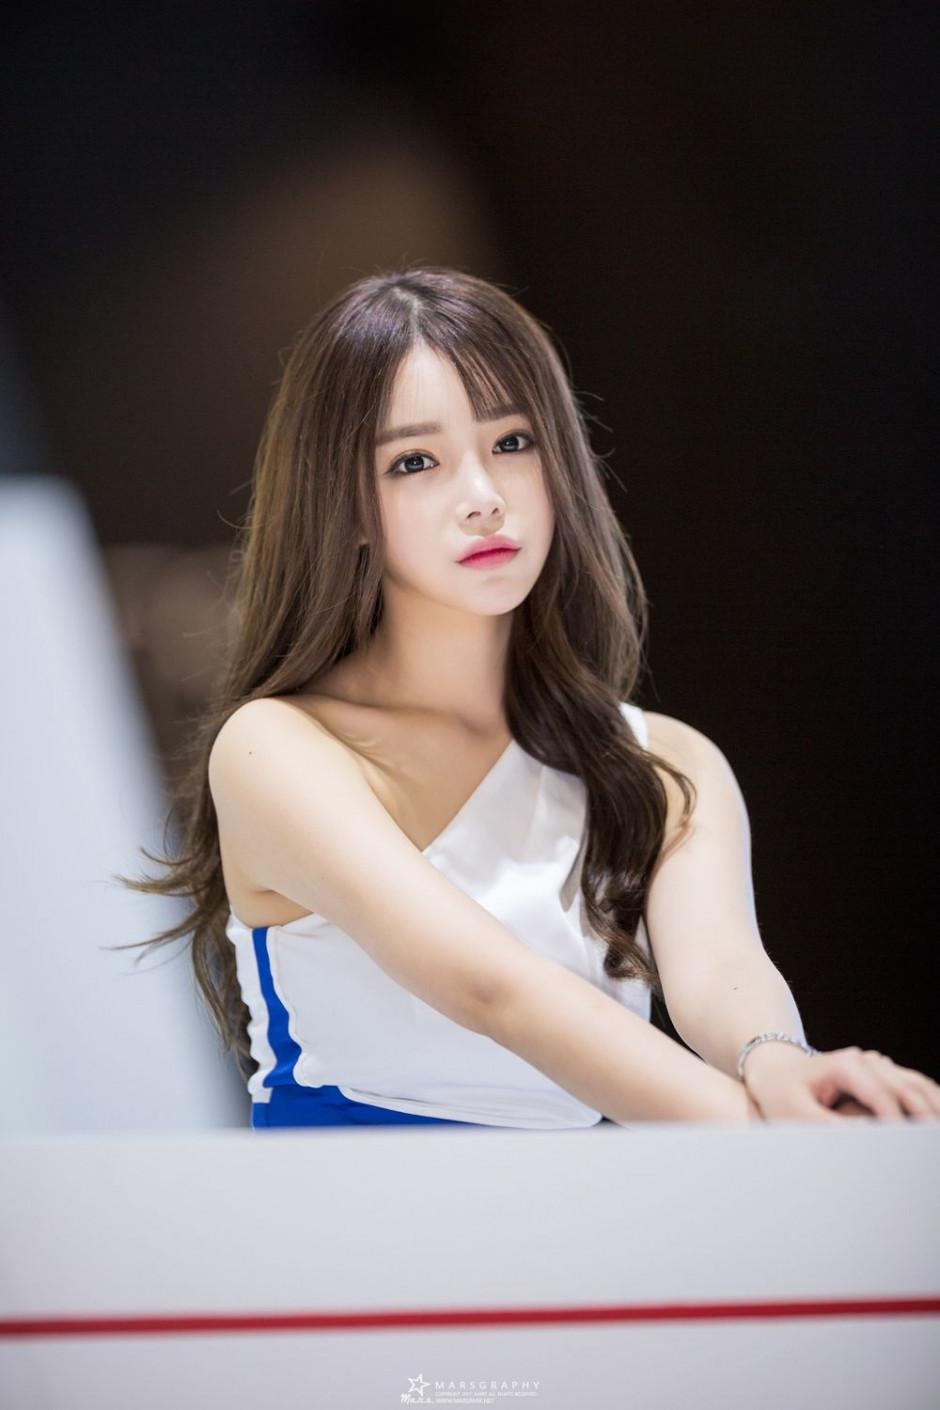 韩国美女模特韩智妍居家写真甜美迷人